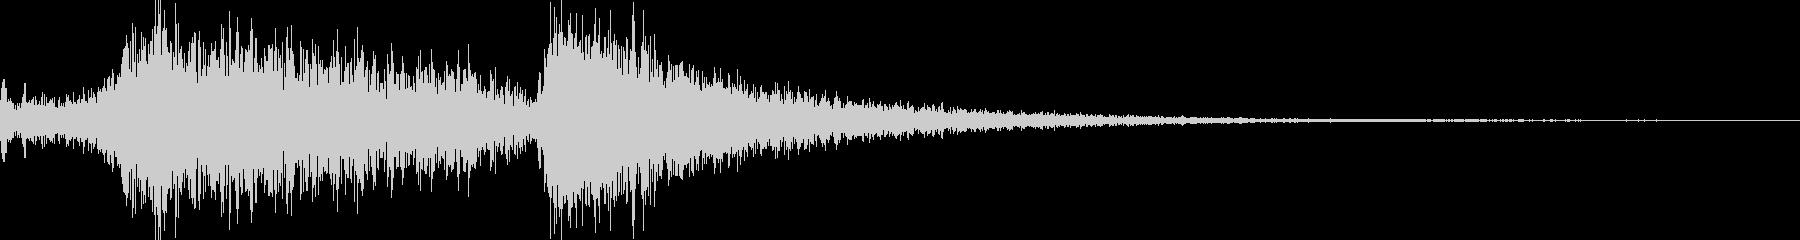 アーケードロゴウーシュの未再生の波形